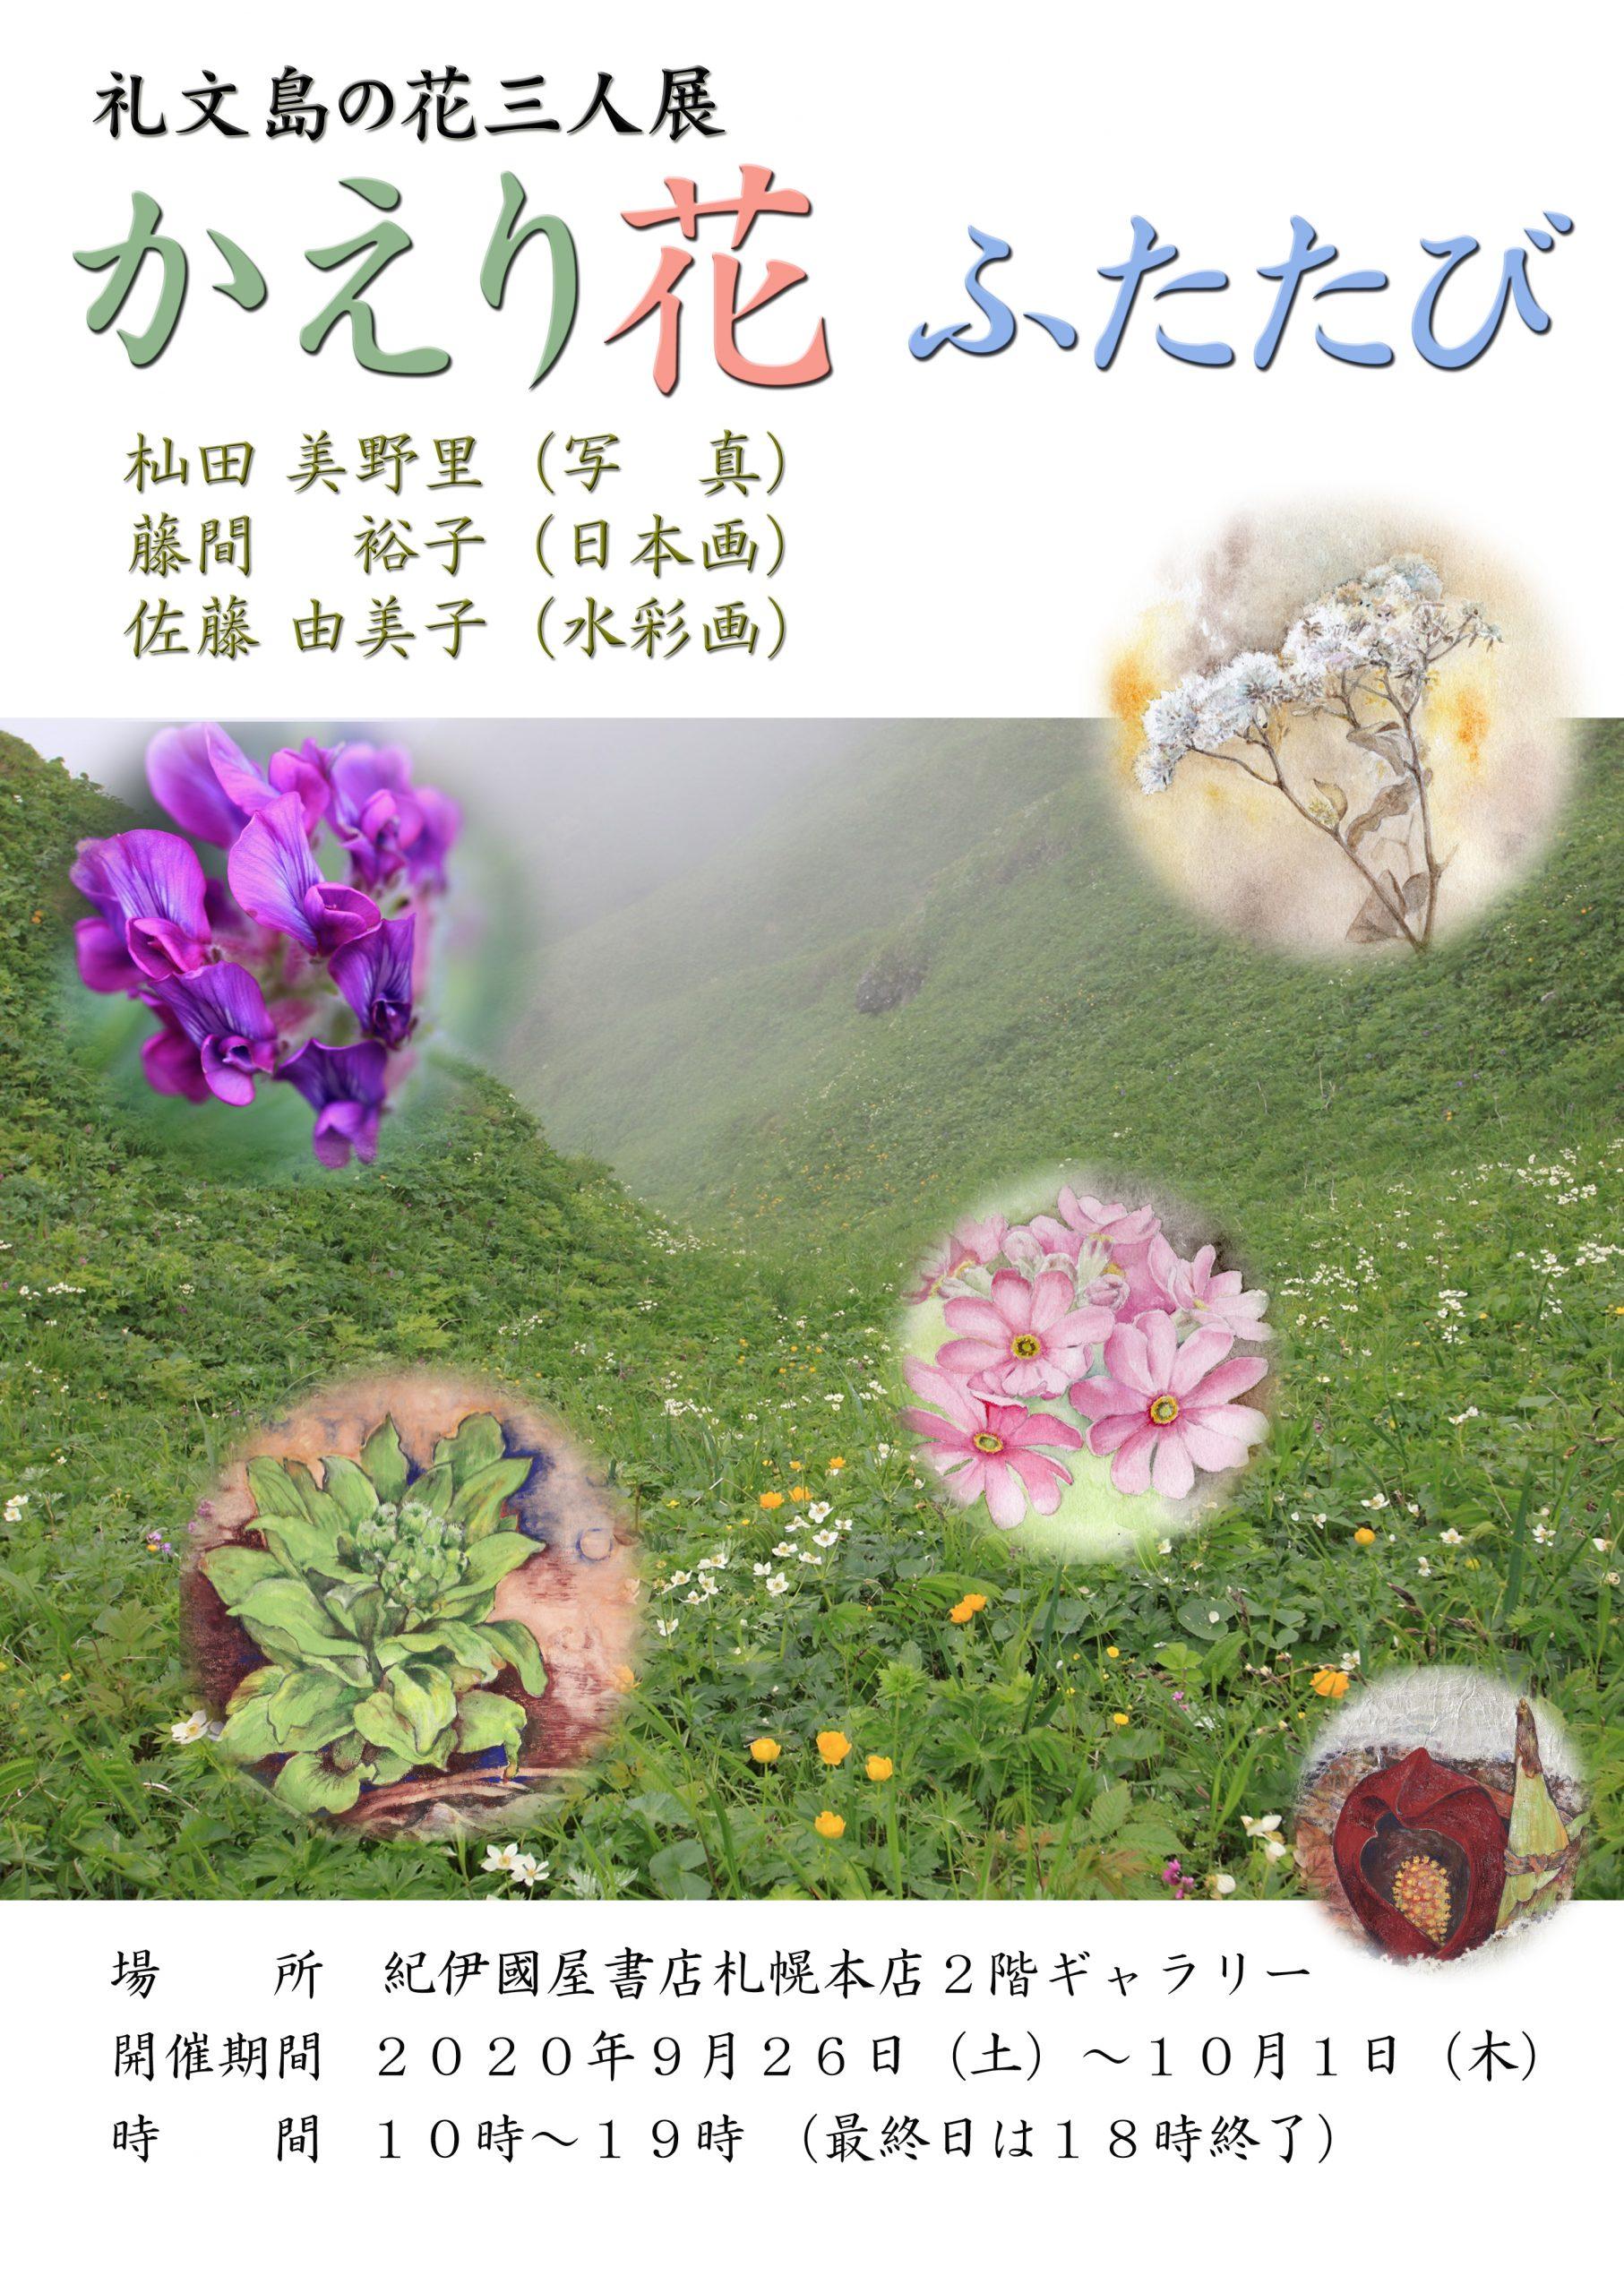 紀伊國屋書店:礼文島の花 三人展 『かえり花 ふたたび』